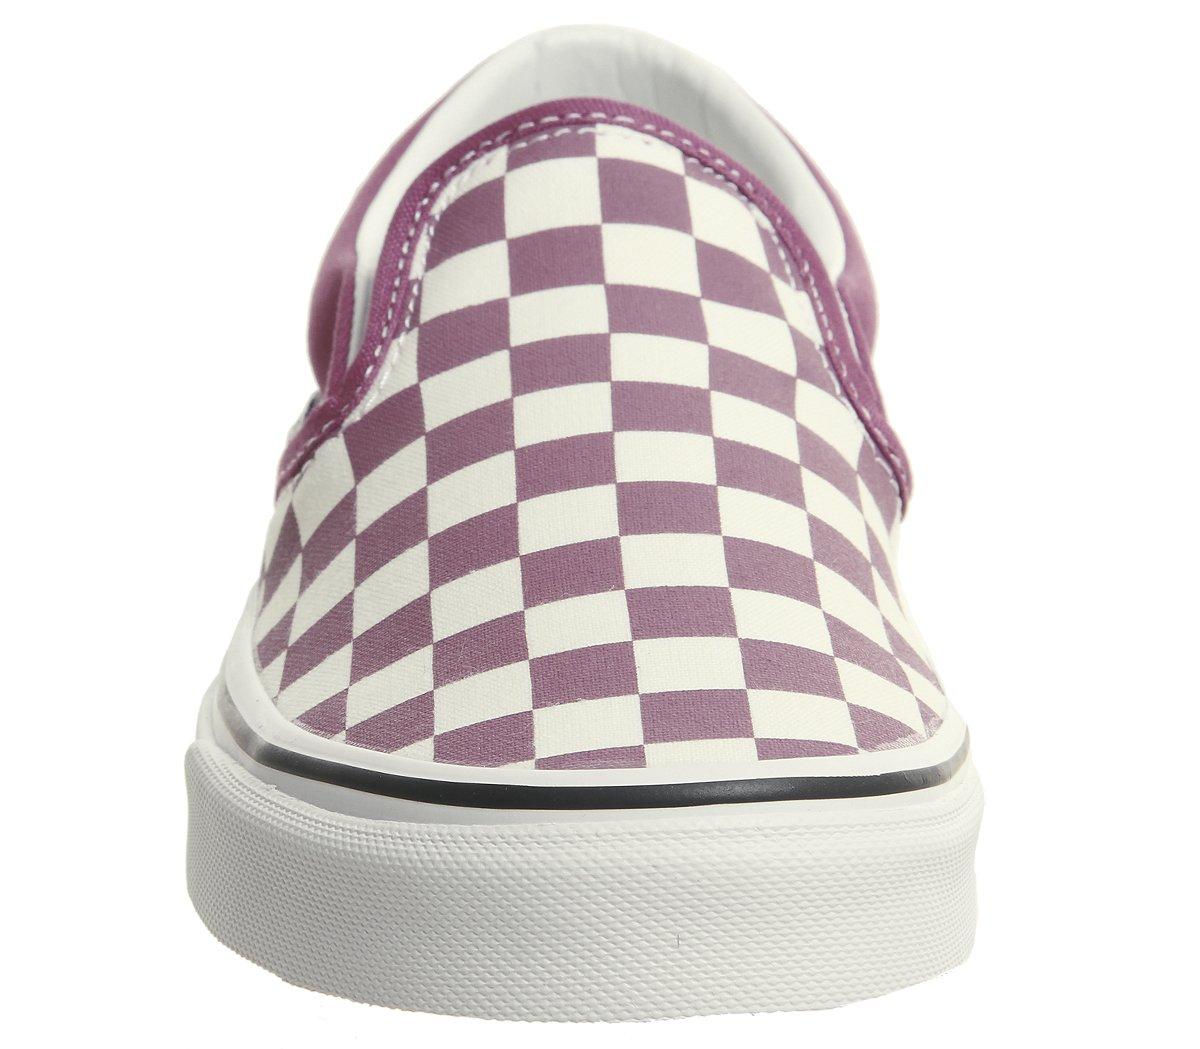 Vans Unisex Classic (Checkerboard) Slip-On Skate Shoe B078Y7NXRL 8 White D(M) US Dry Rose / White 8 424660